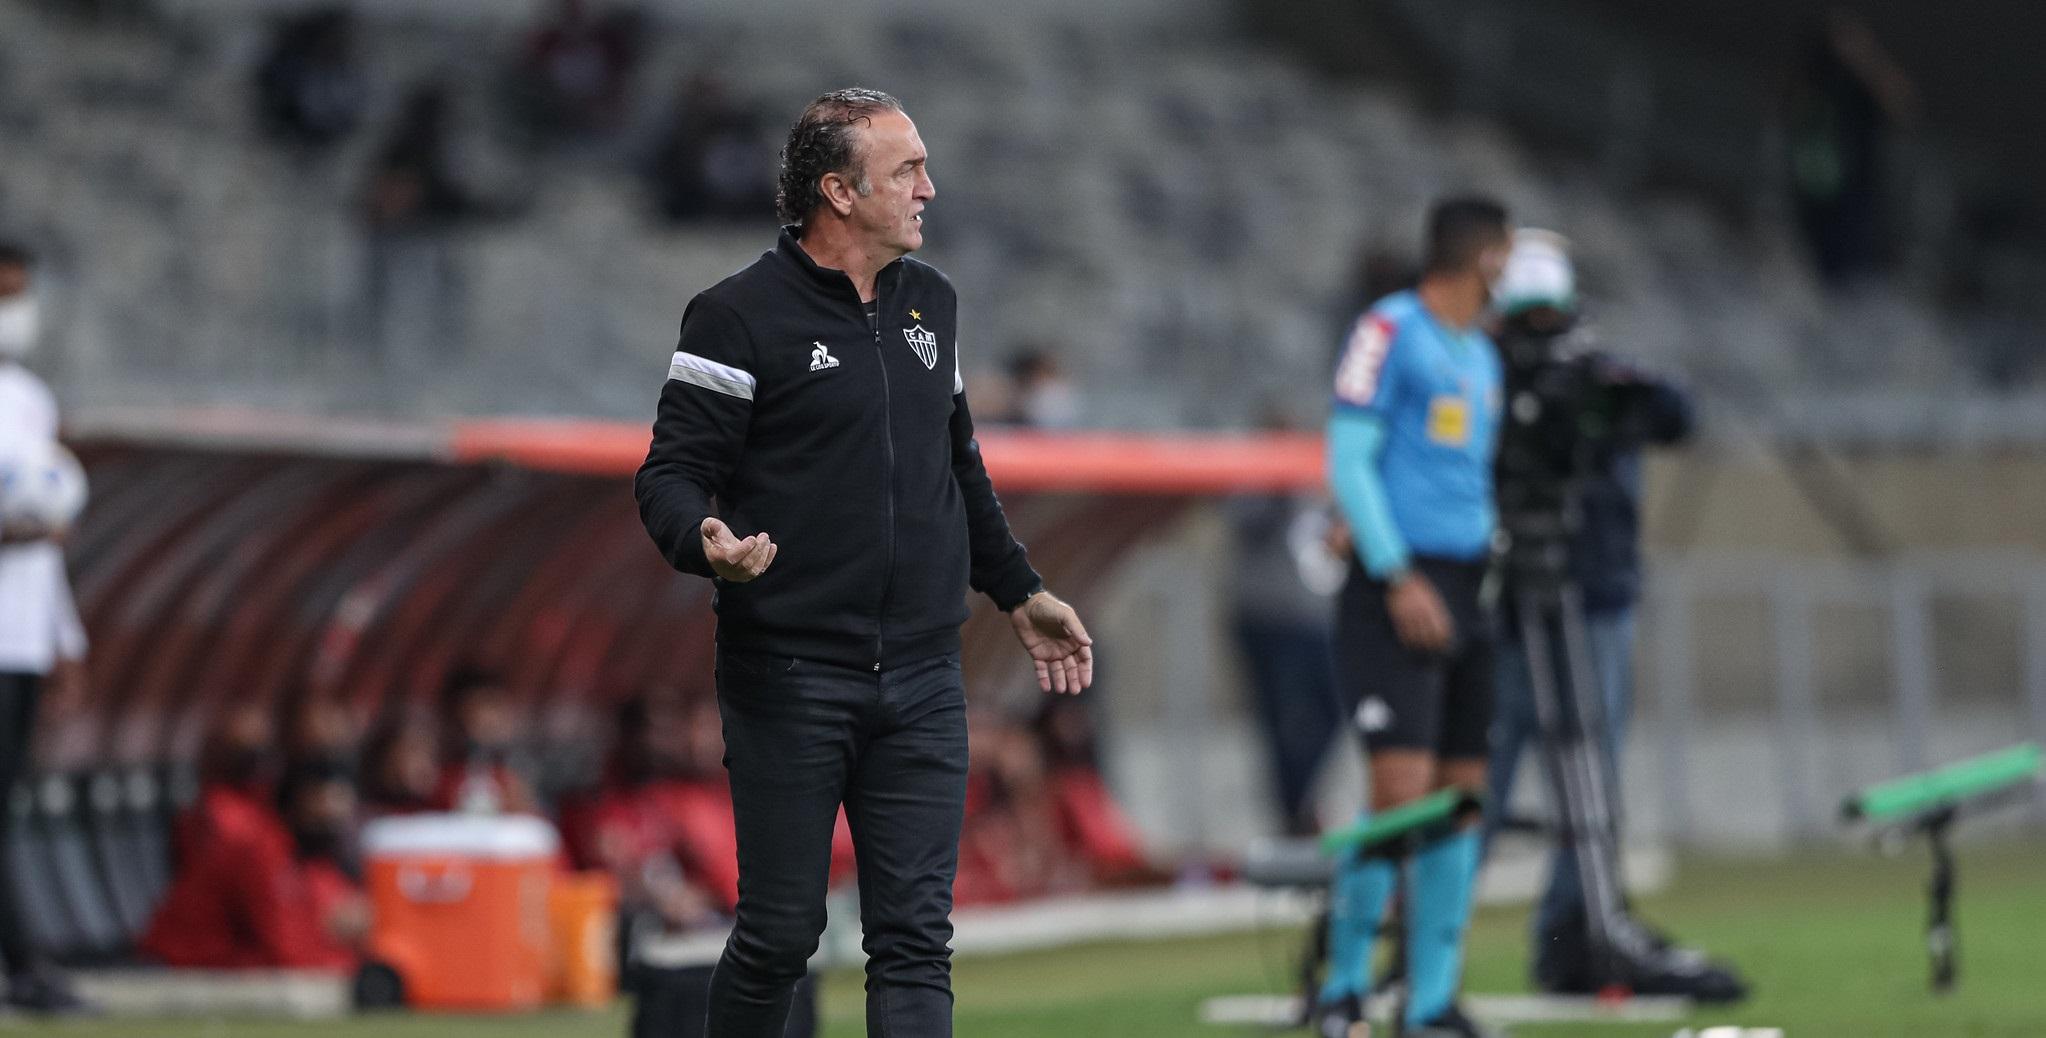 Cuca enfatiza organização tática da equipe contra o Flamengo